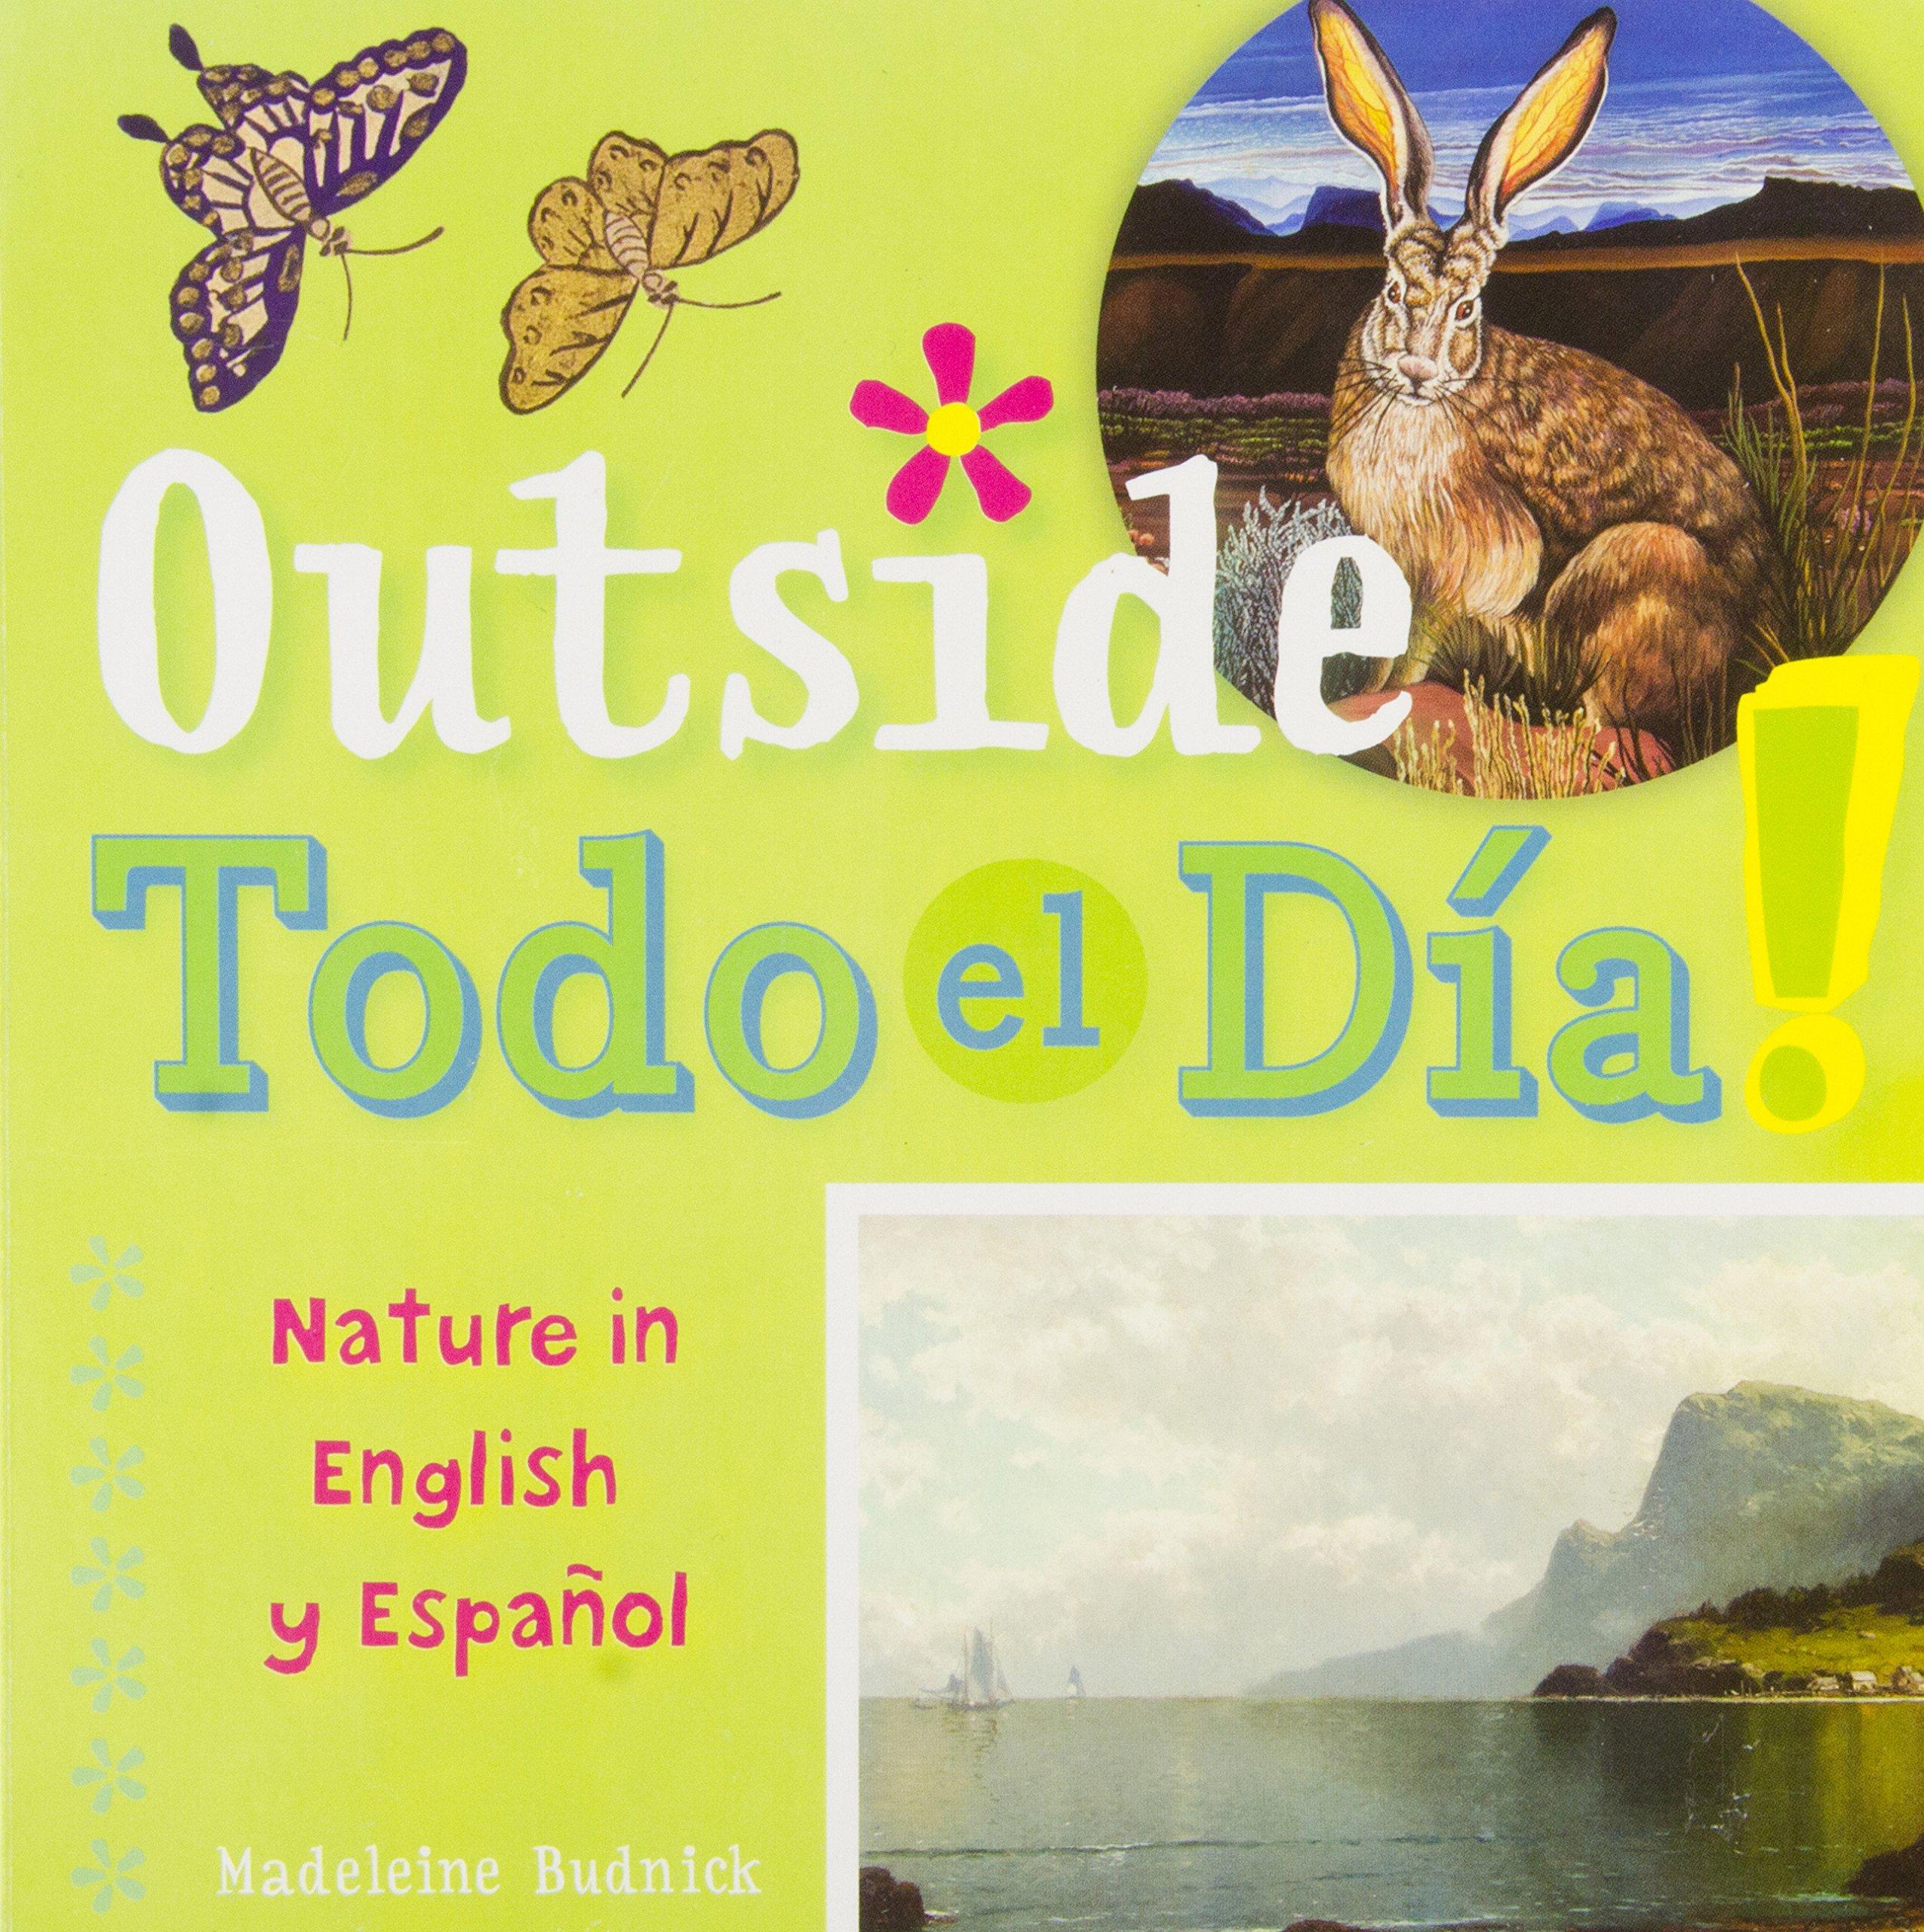 Outside Todo el Día: Nature in English y Español (ArteKids) ebook